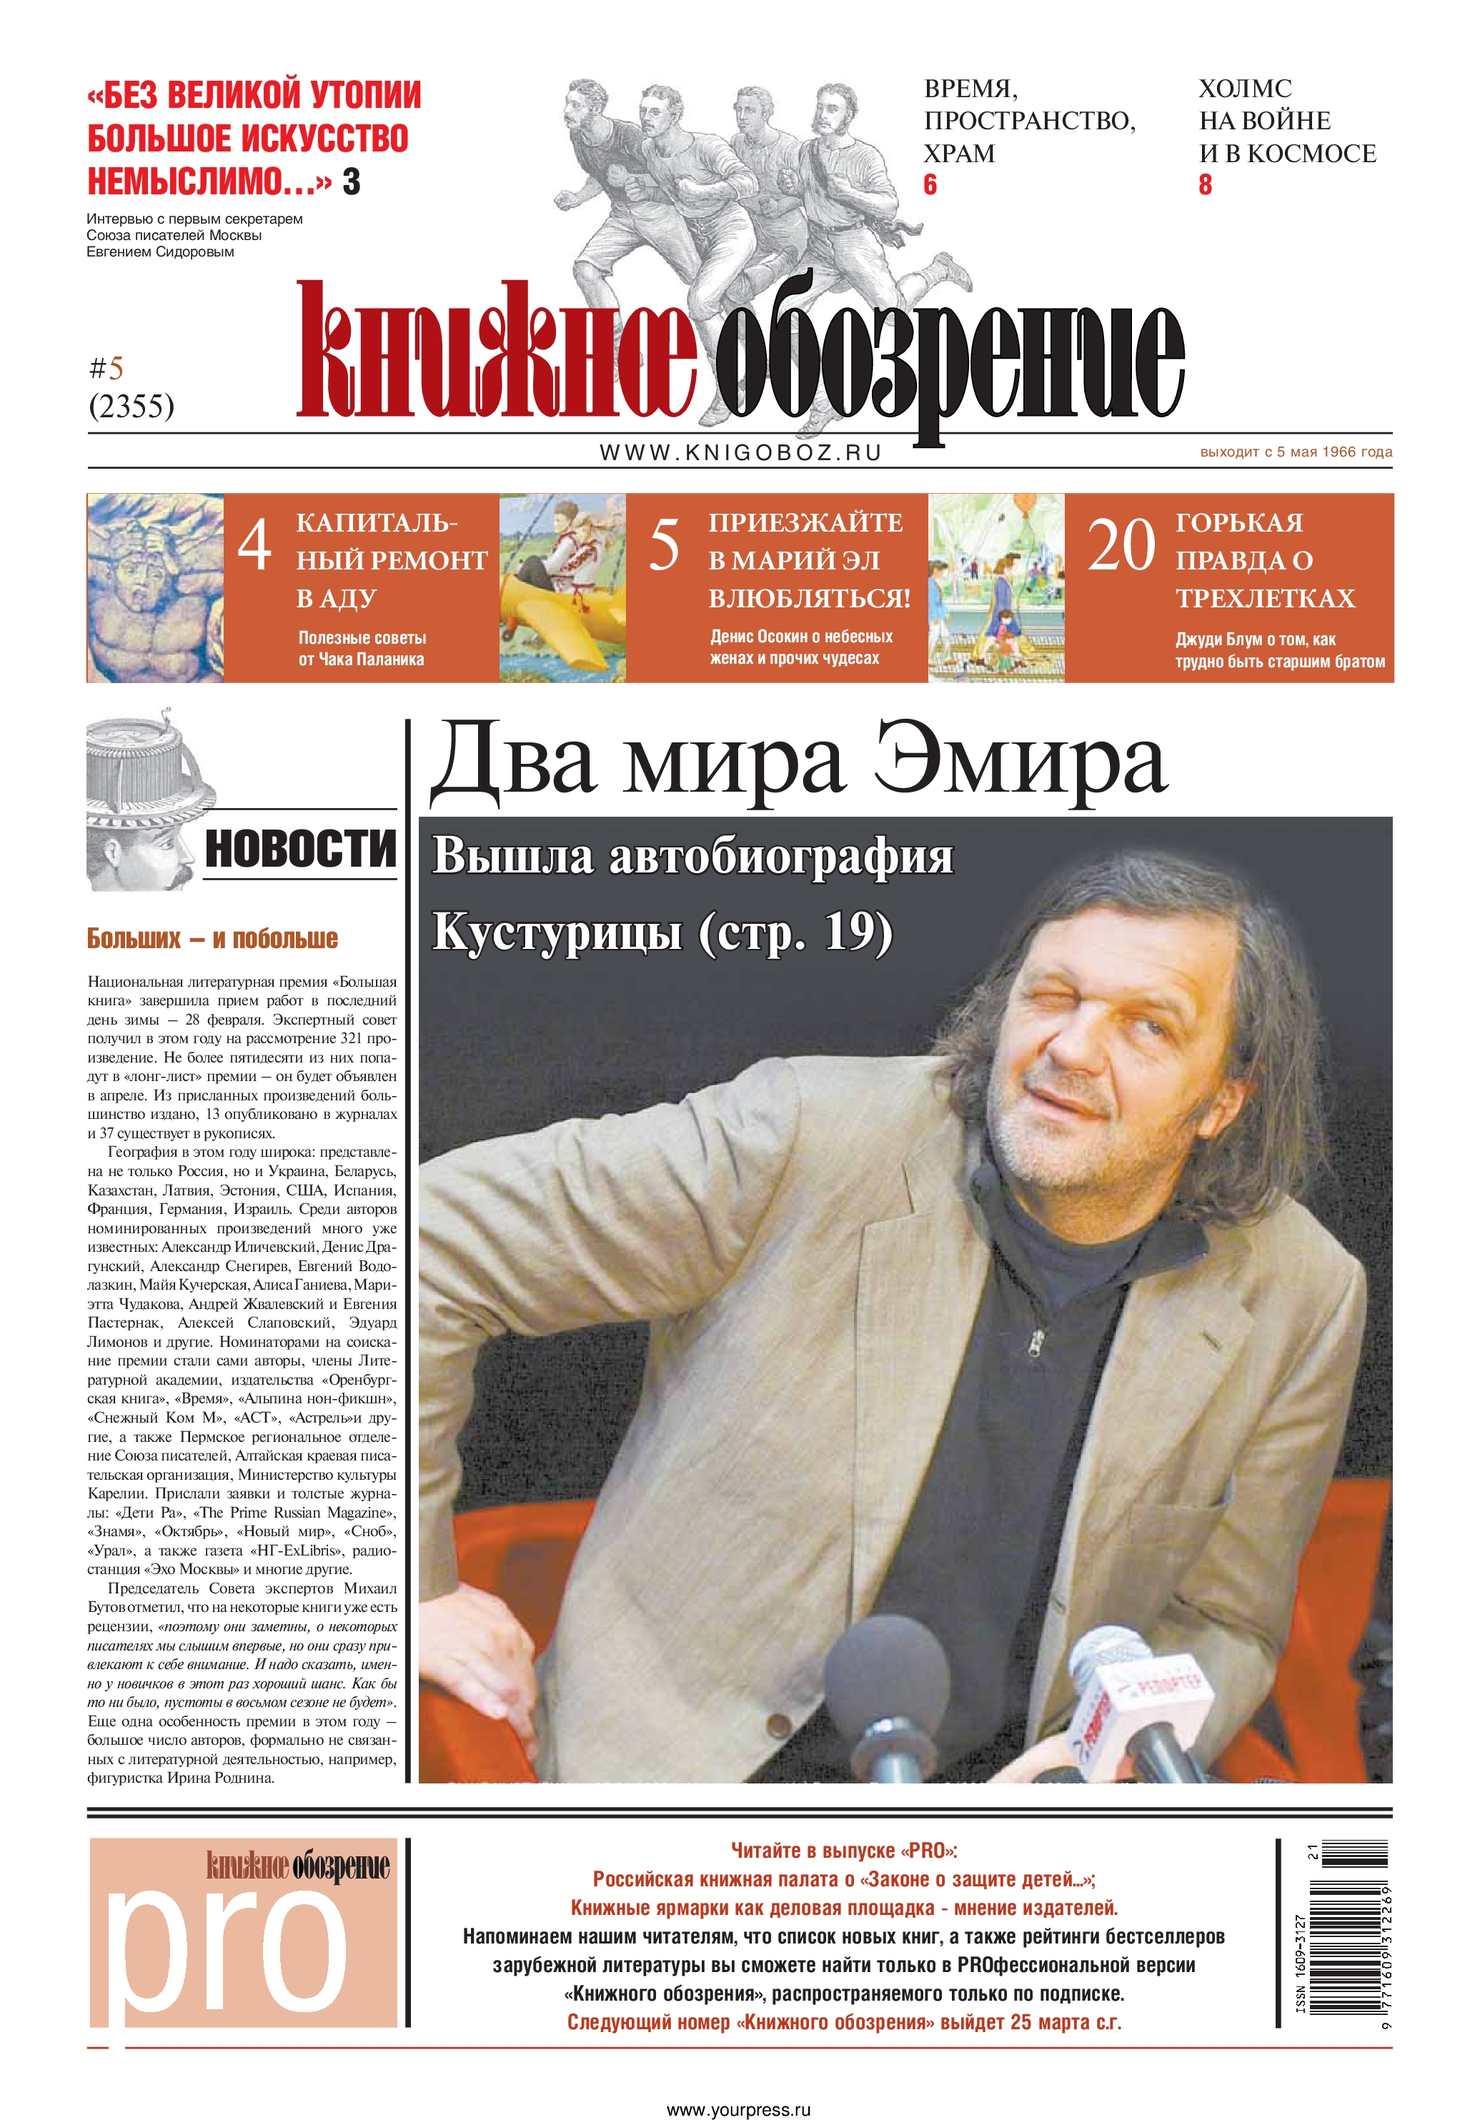 Газета. Книжное обозрение № 5 (2355)